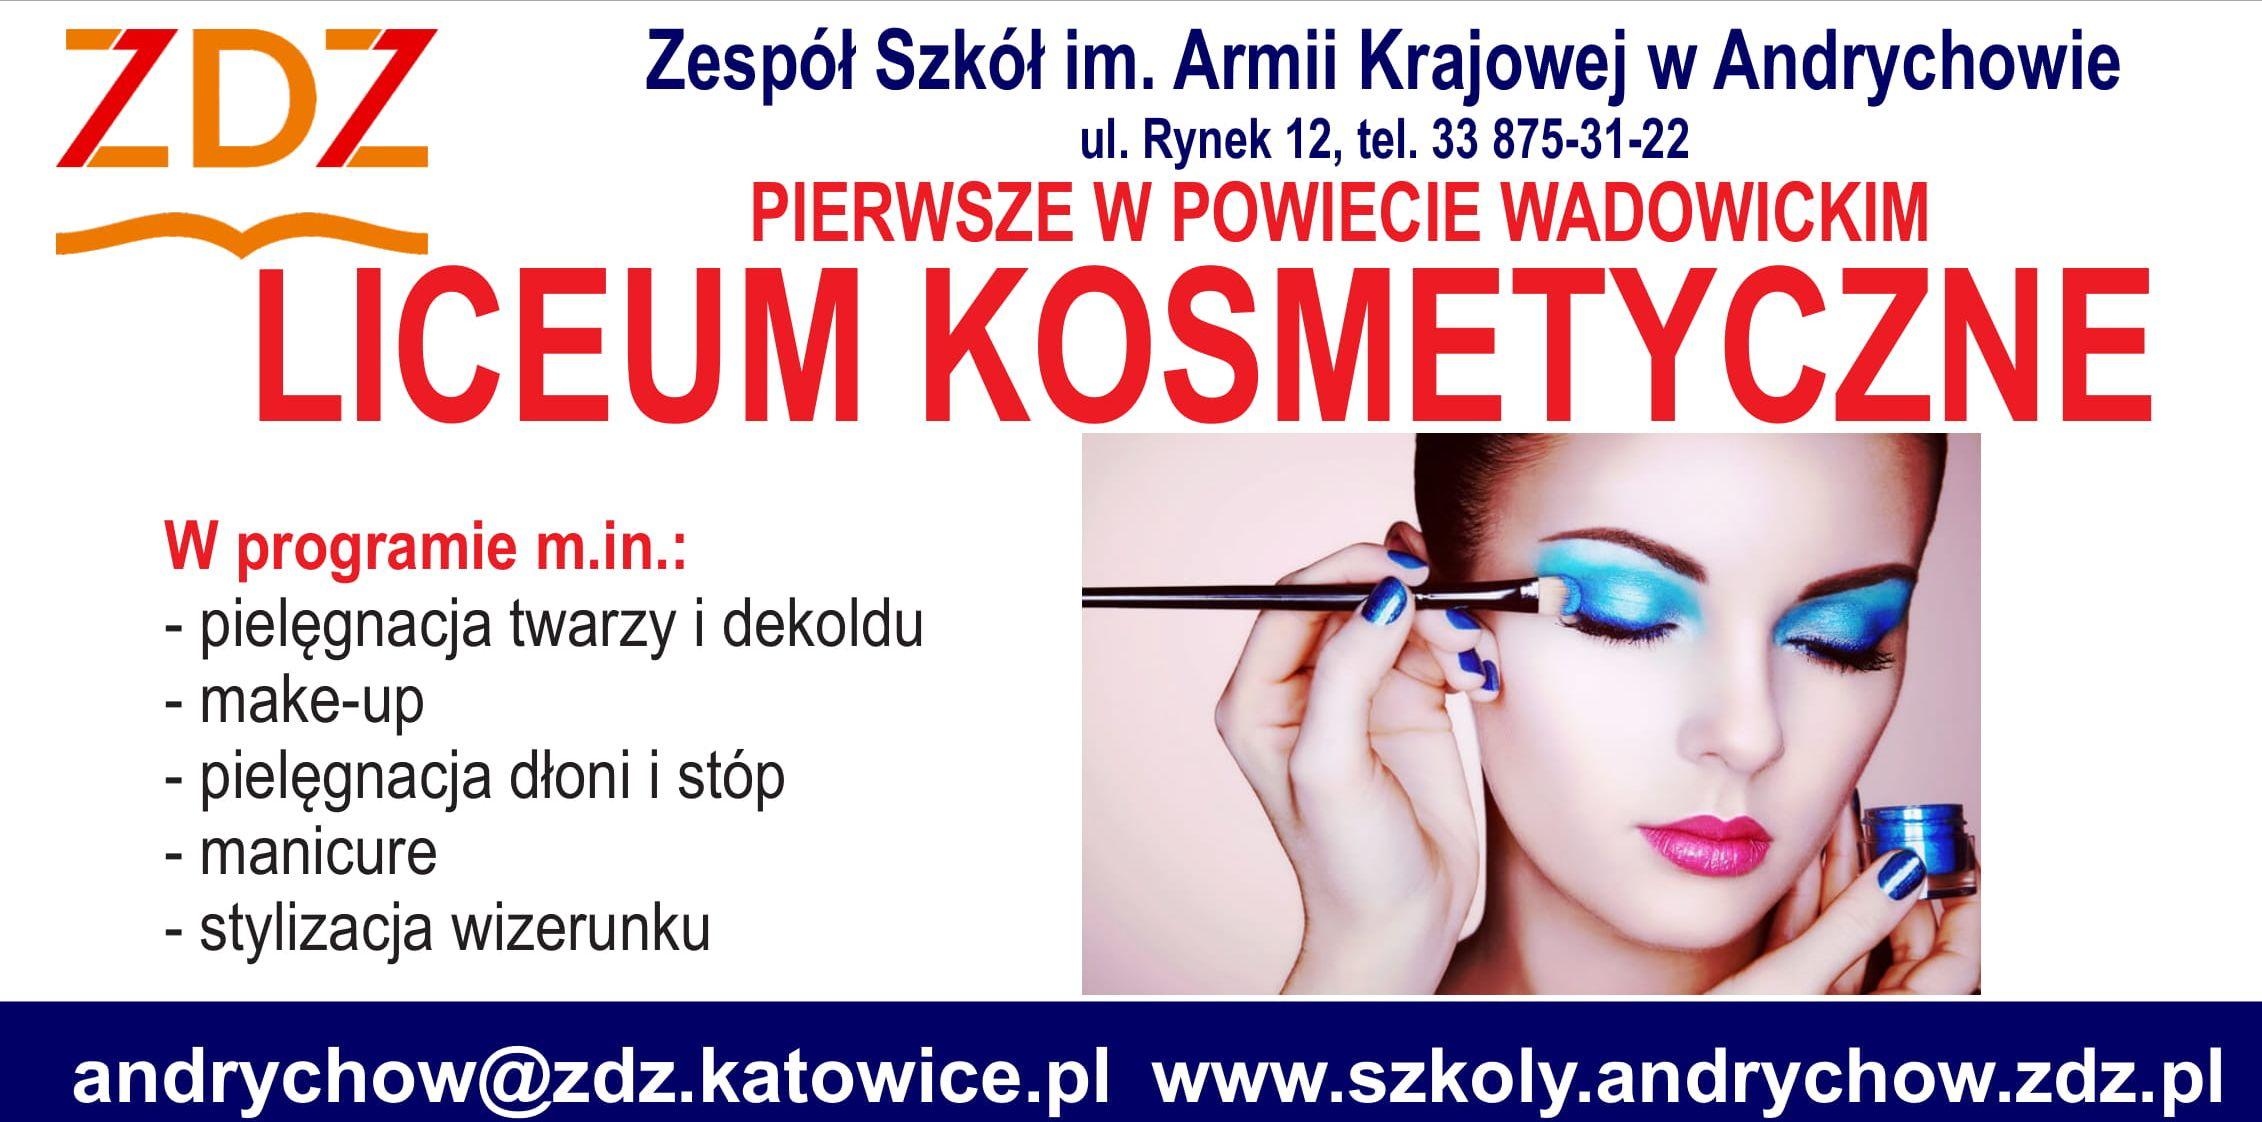 Nowe Liceum Kosmetyczne w Andrychowie. Pierwsze w powiecie wadowickim!